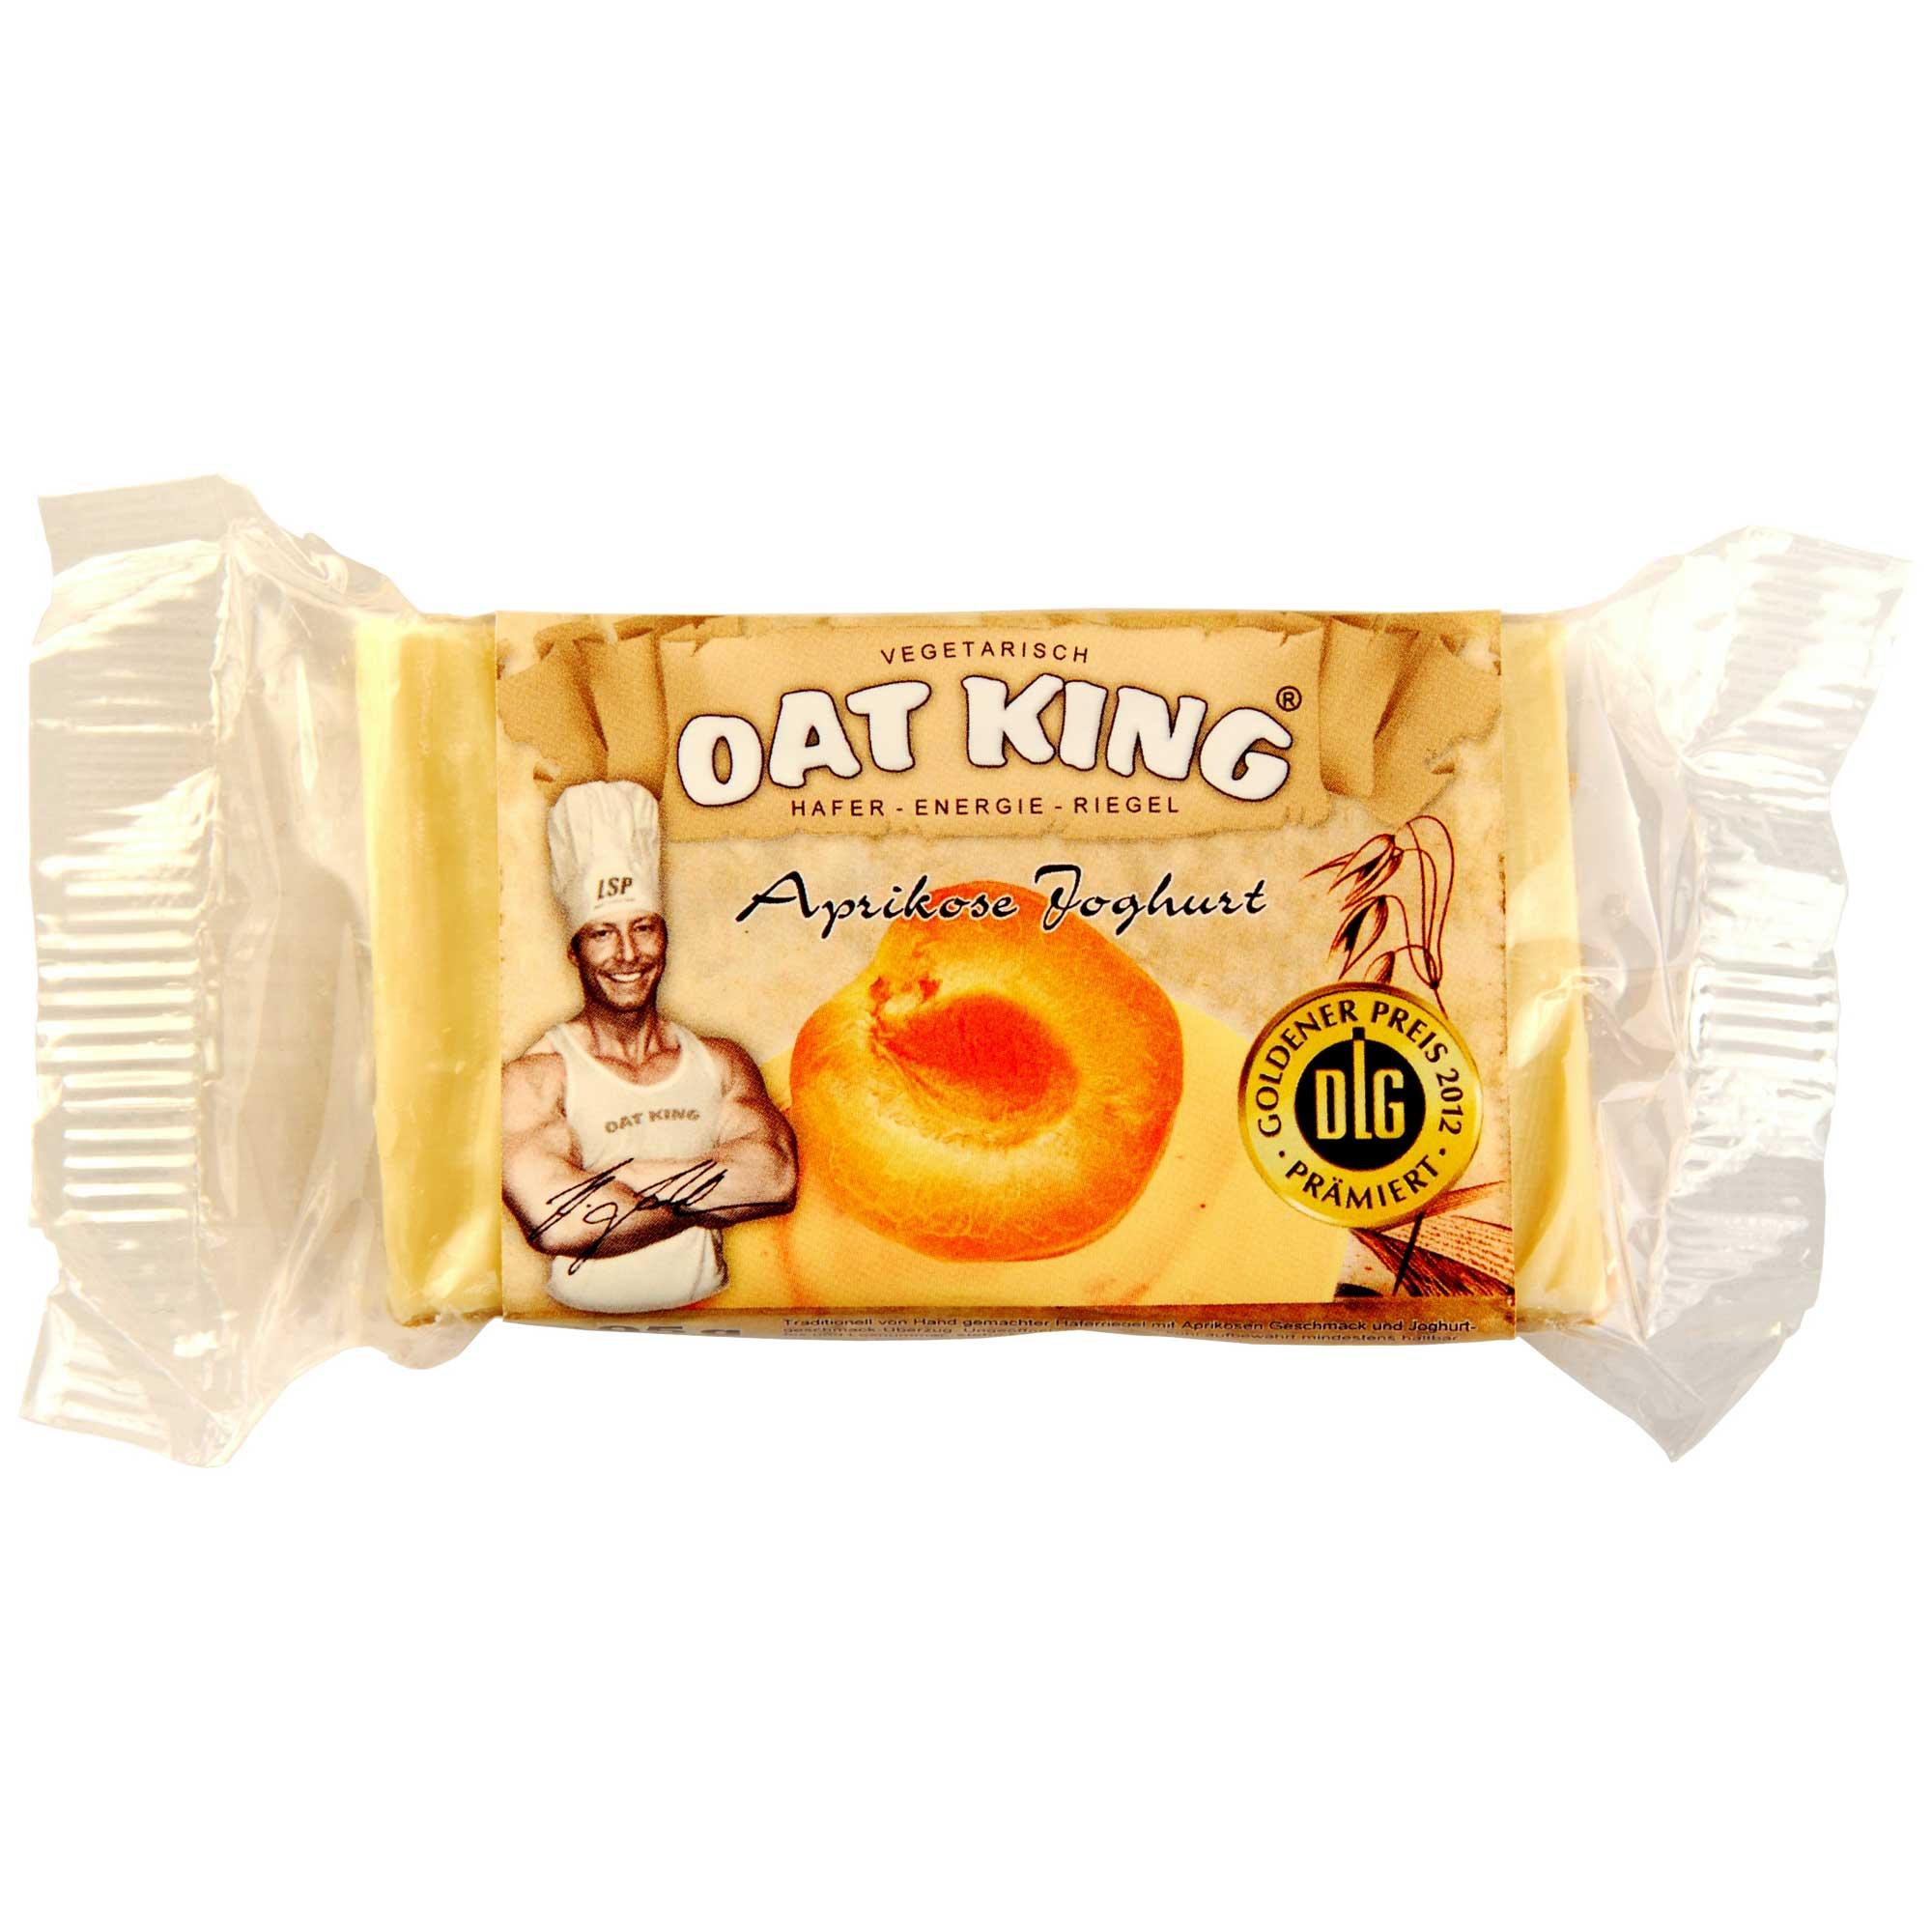 oat king aprikose joghurt online kaufen im world of sweets shop. Black Bedroom Furniture Sets. Home Design Ideas